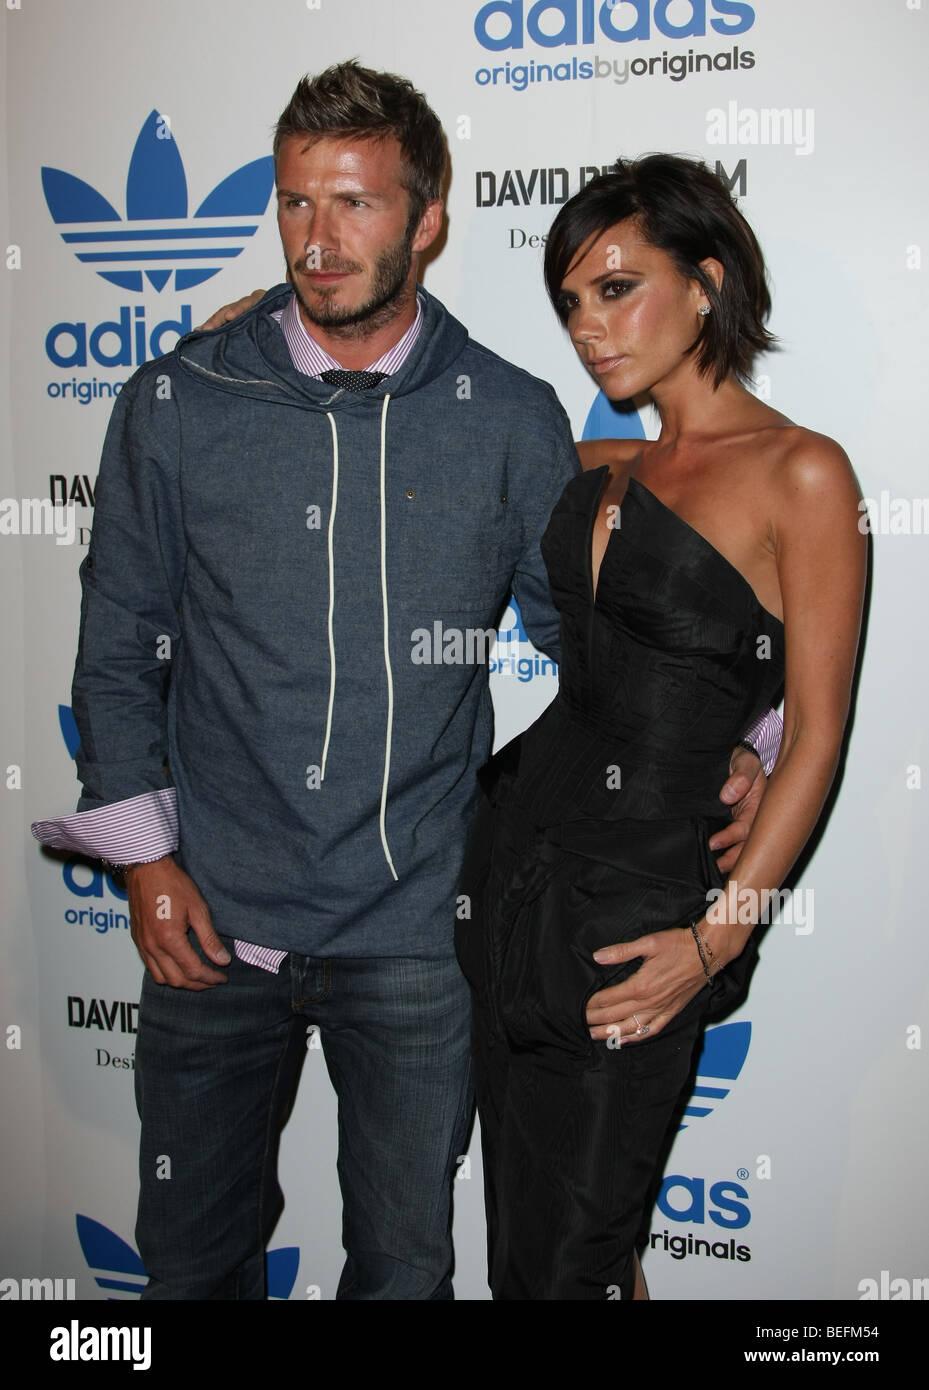 Wife david beckham David Beckham,